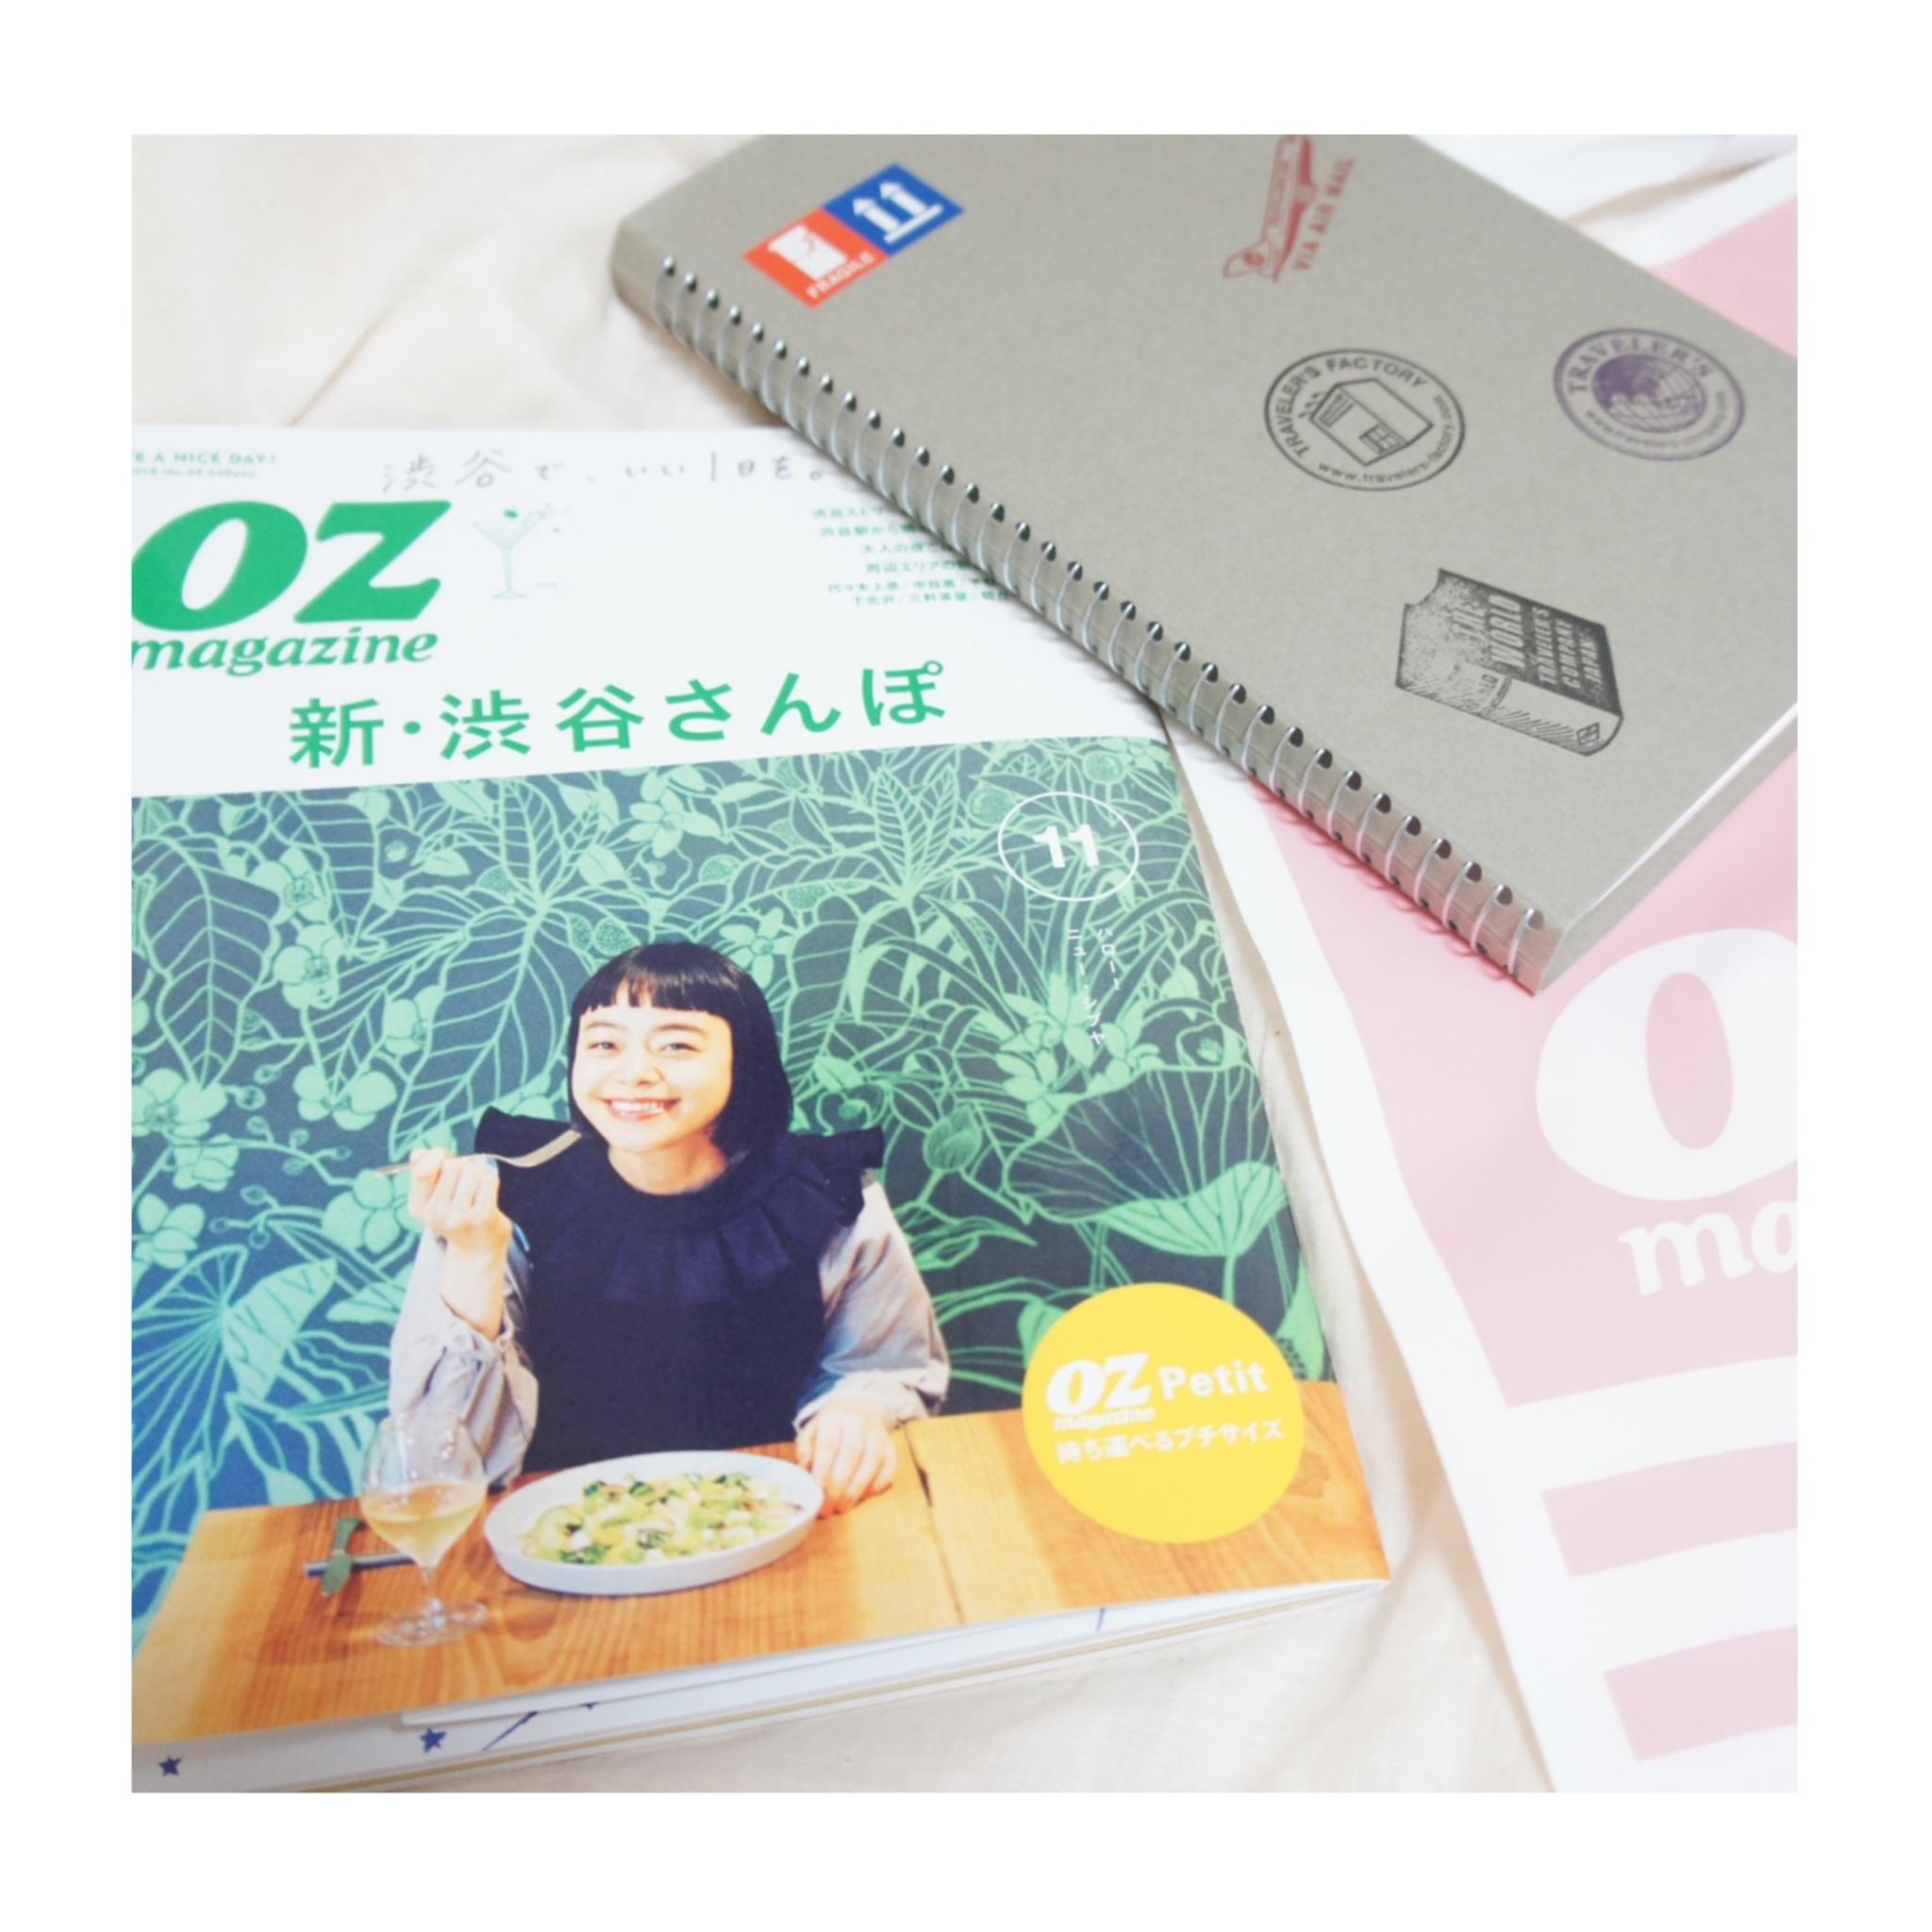 《ご当地MORE★》名古屋に行ったら食べたい❤️【BUCYO COFFEE】の小倉トーストが絶品!☻_3